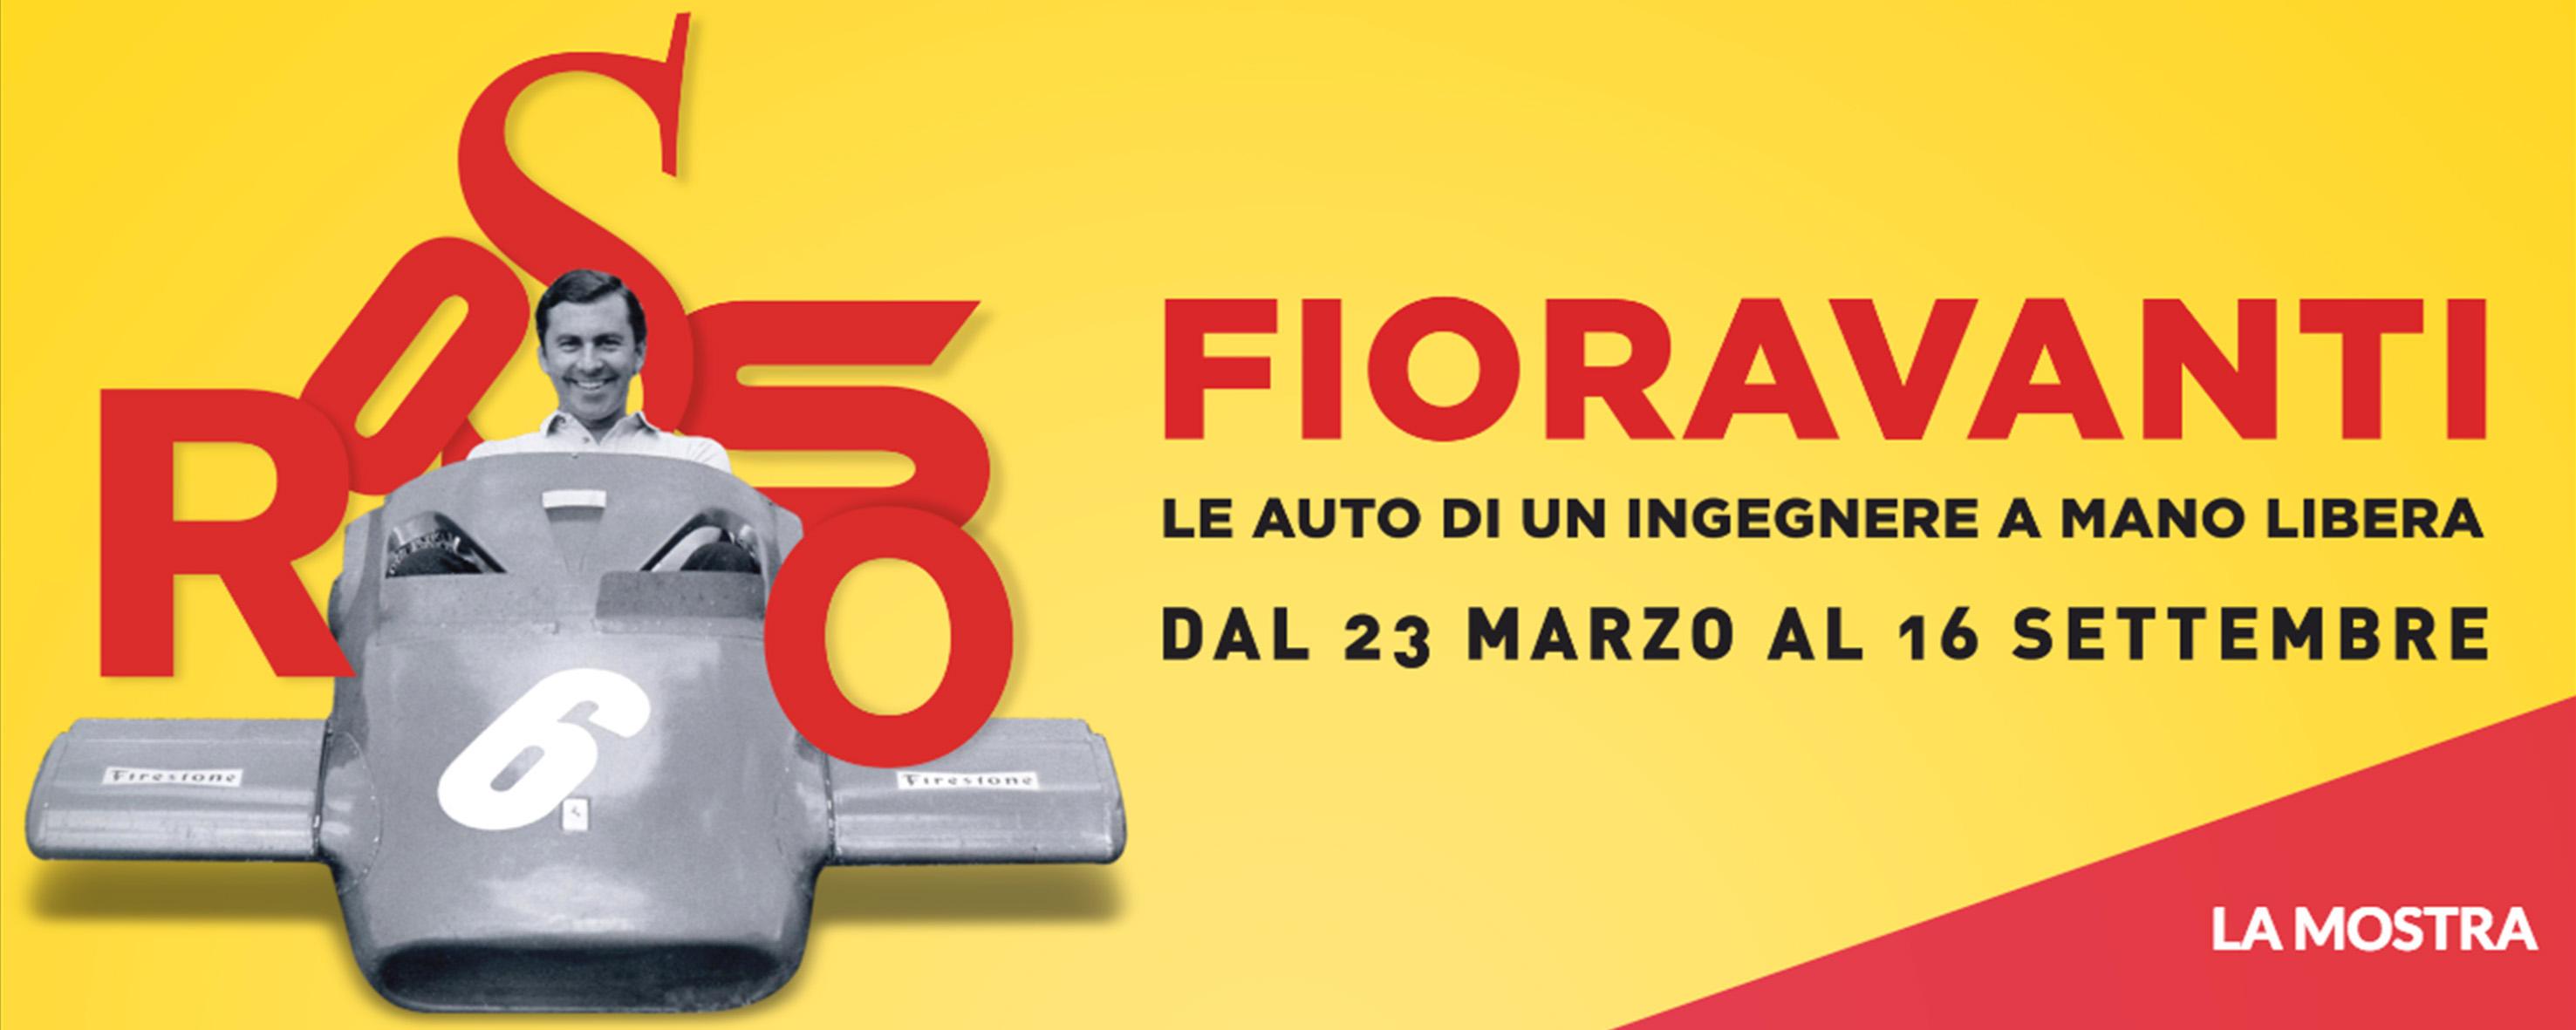 'Rosso Fioravanti, Le auto di un ingegnere a mano libera', dal 23 marzo al 16 settembre 2018, la mostra © MAUTO/Fioravanti